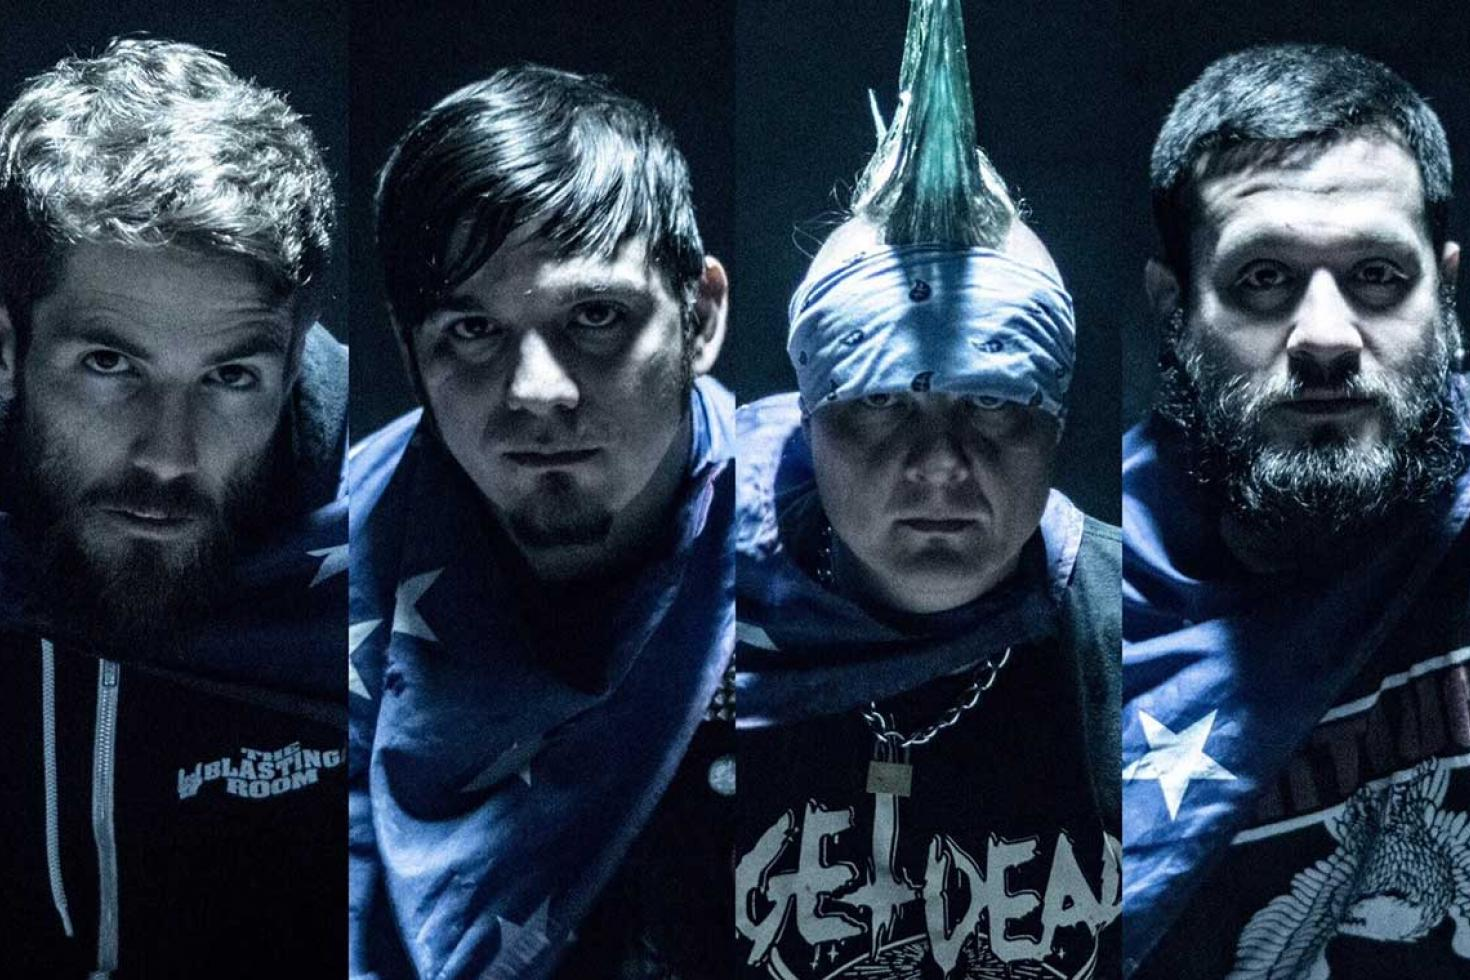 PREMIERE: Stream Nonstarter's new EP 'Seasoned Stuntman' in full